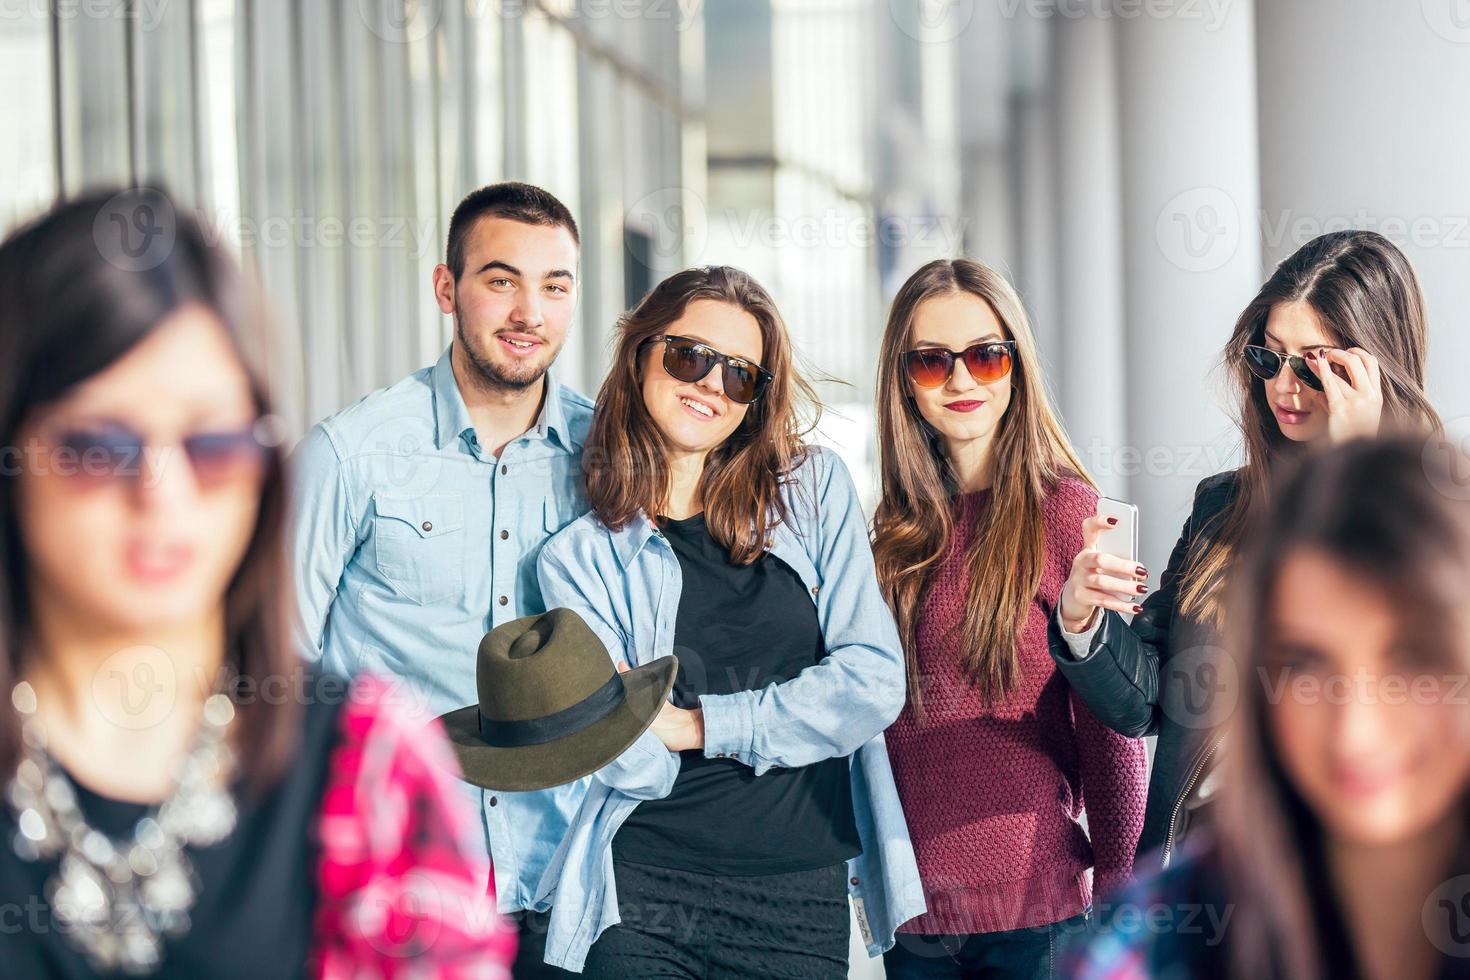 gruppo di amici adolescenti felici divertendosi foto